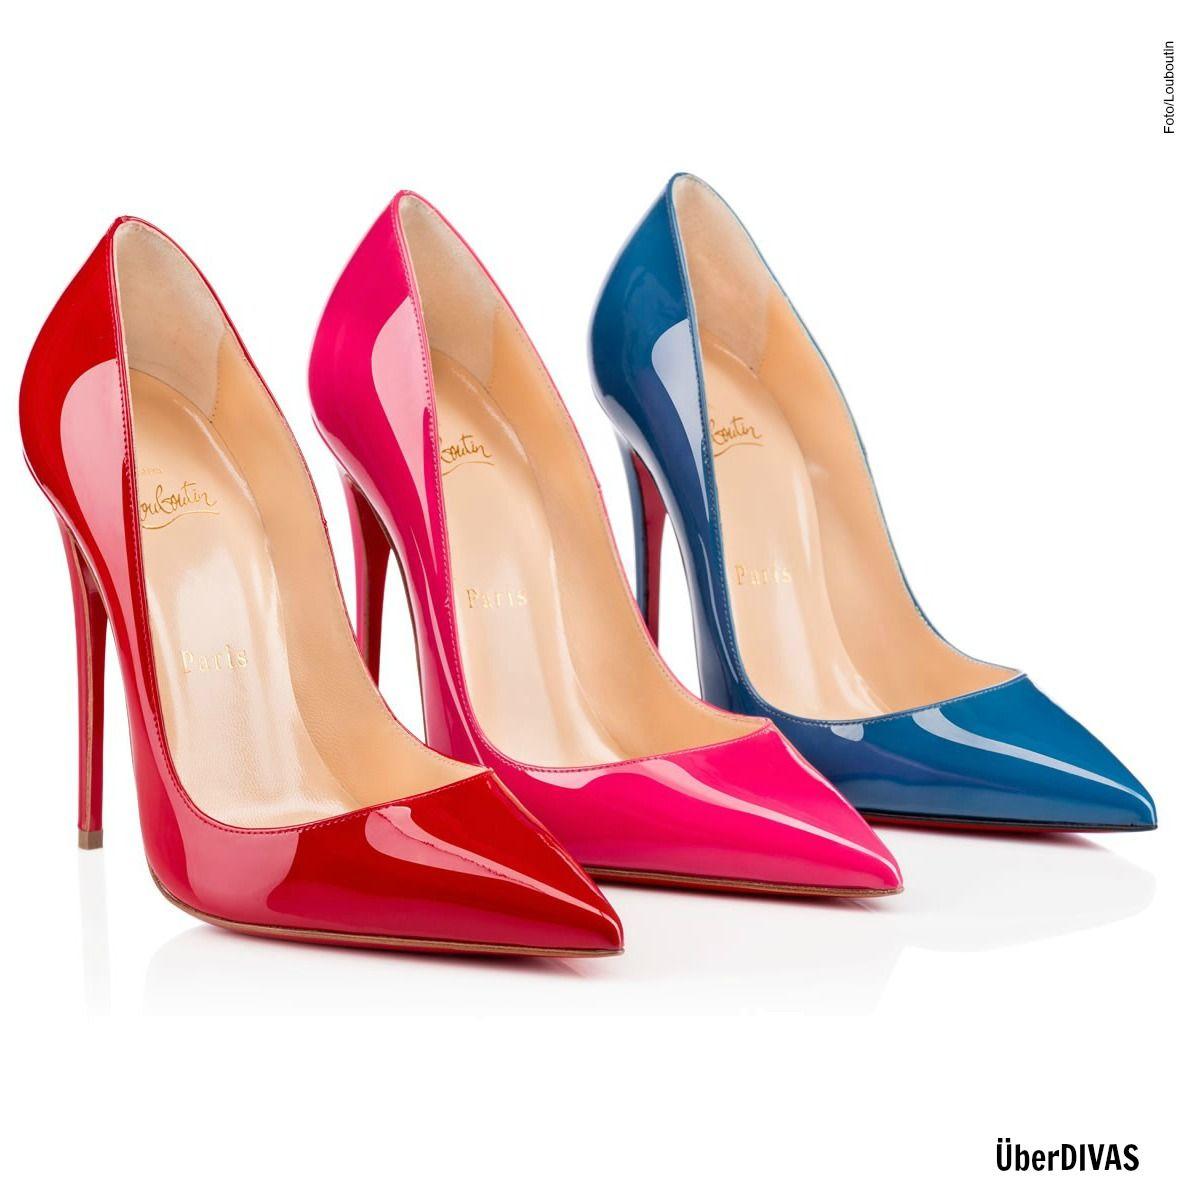 598d82b6c Scarpins coloridos. *** Colored Pumps. Louboutin.   Shoes